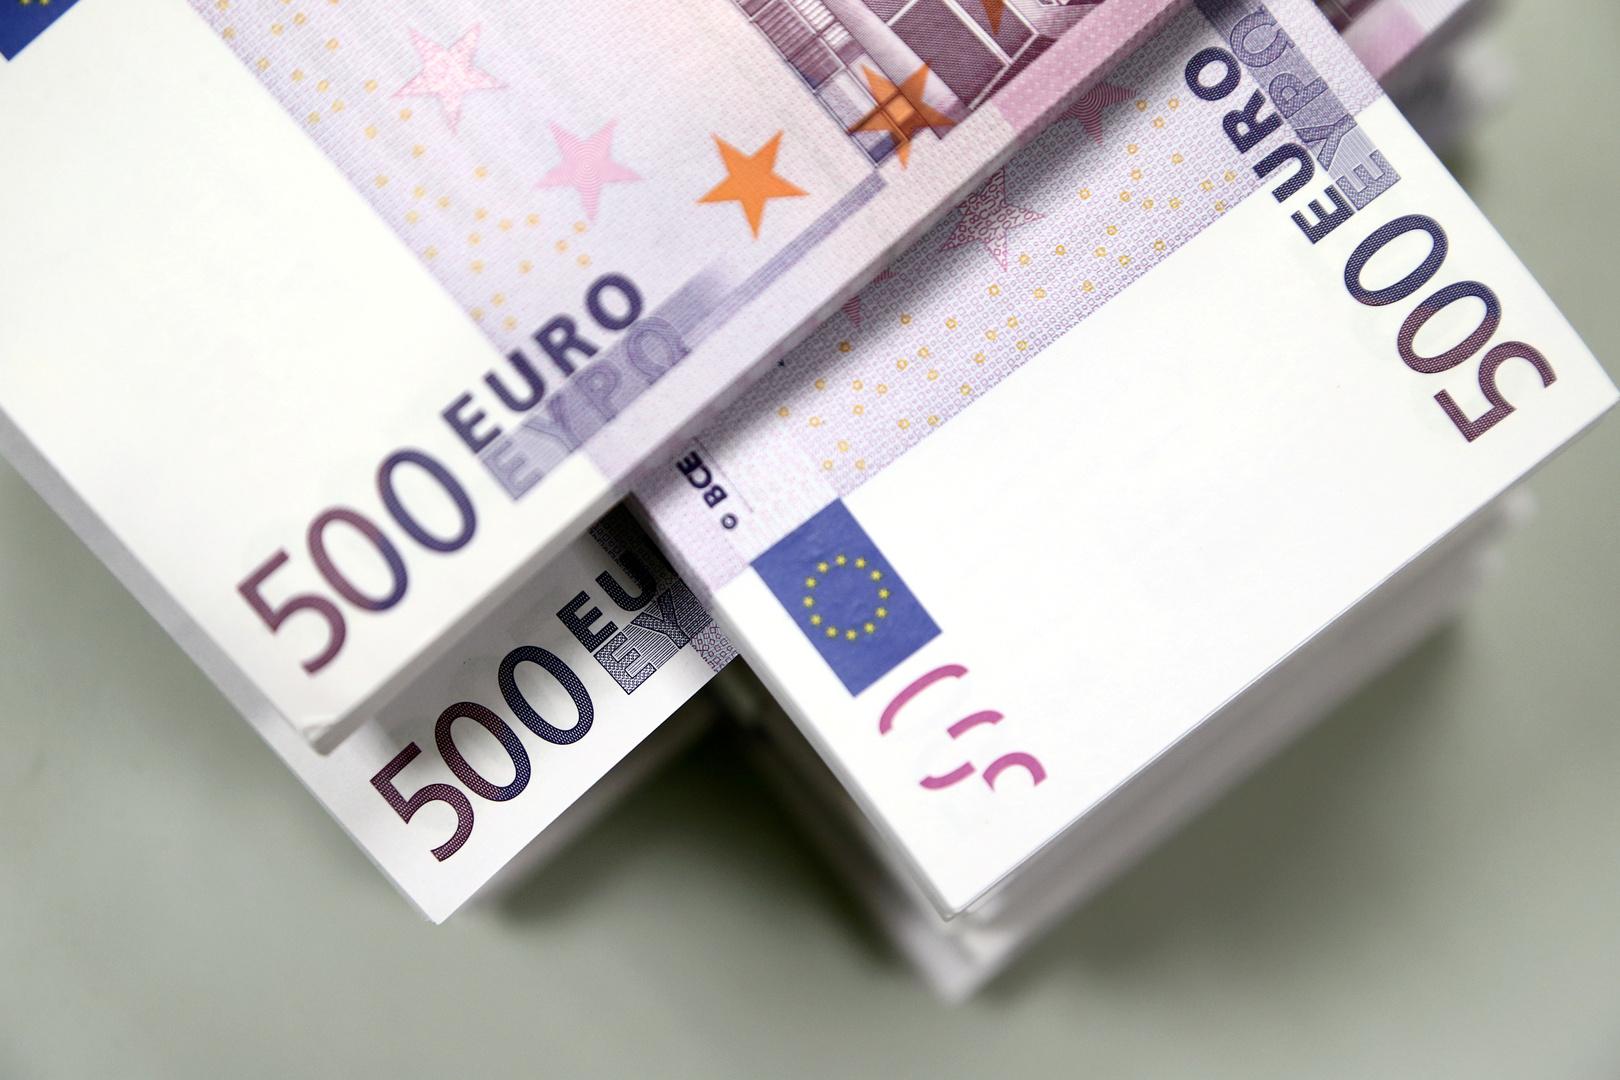 وزير المالية: الاقتصاد الفرنسي سيحقق انتعاشا قويا في 2021